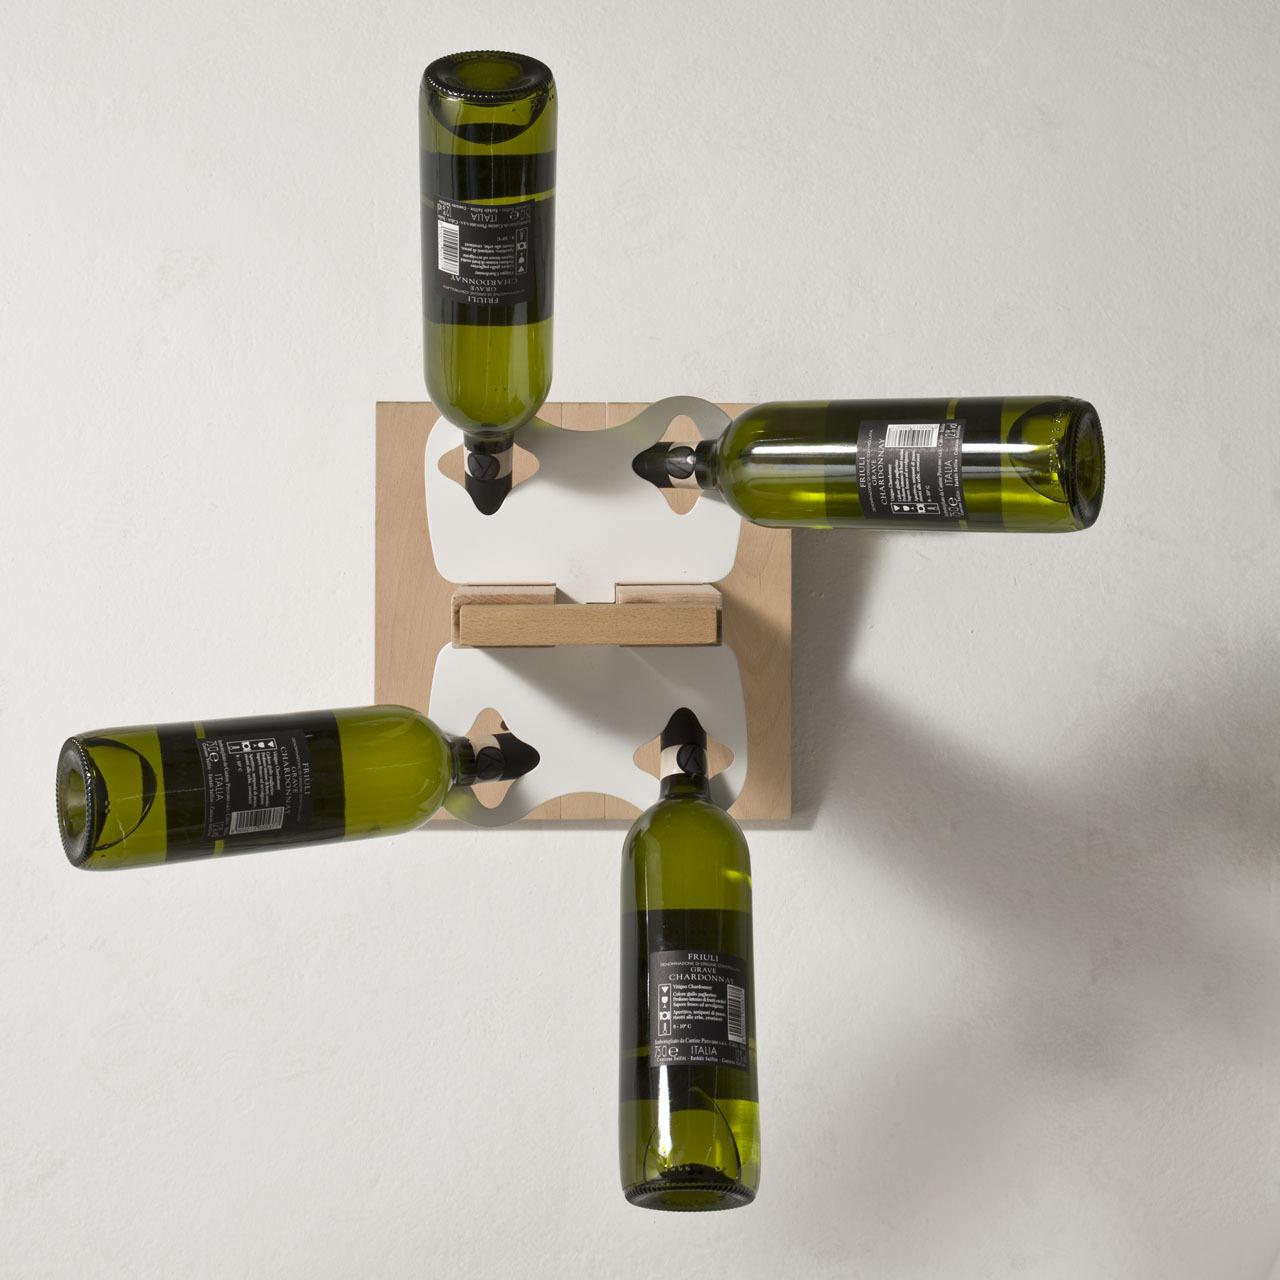 Portabottiglie legno tutte le offerte cascare a fagiolo - Portabottiglie da parete ikea ...